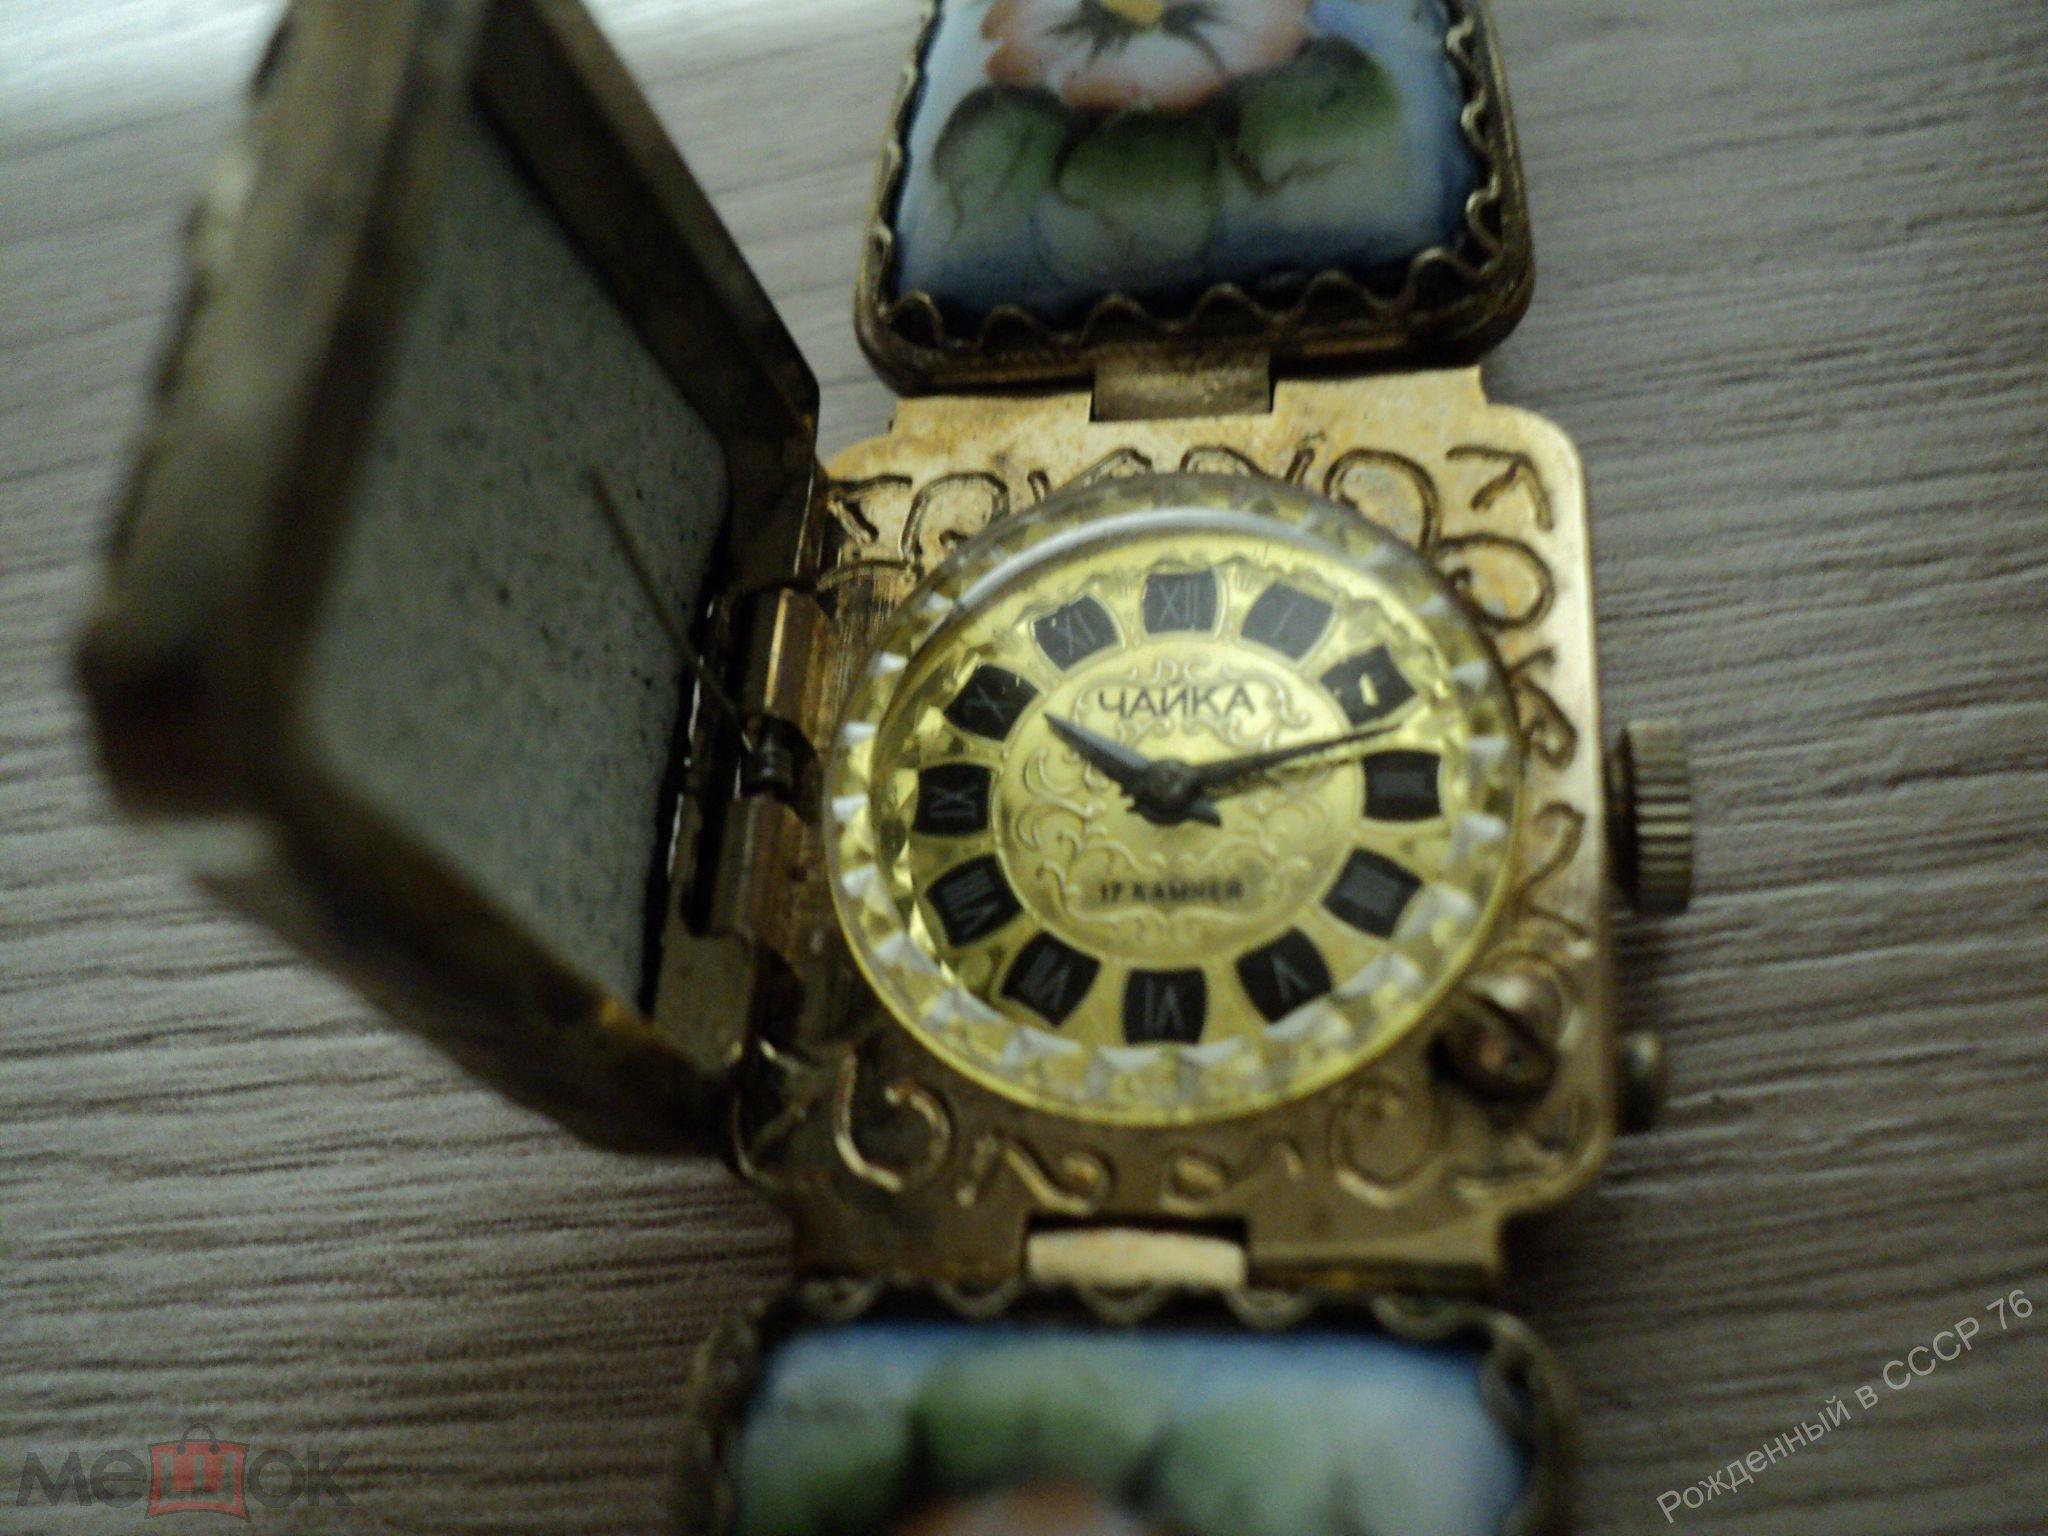 Часы чайка наручные ремонт купить часы проекционные в тюмени